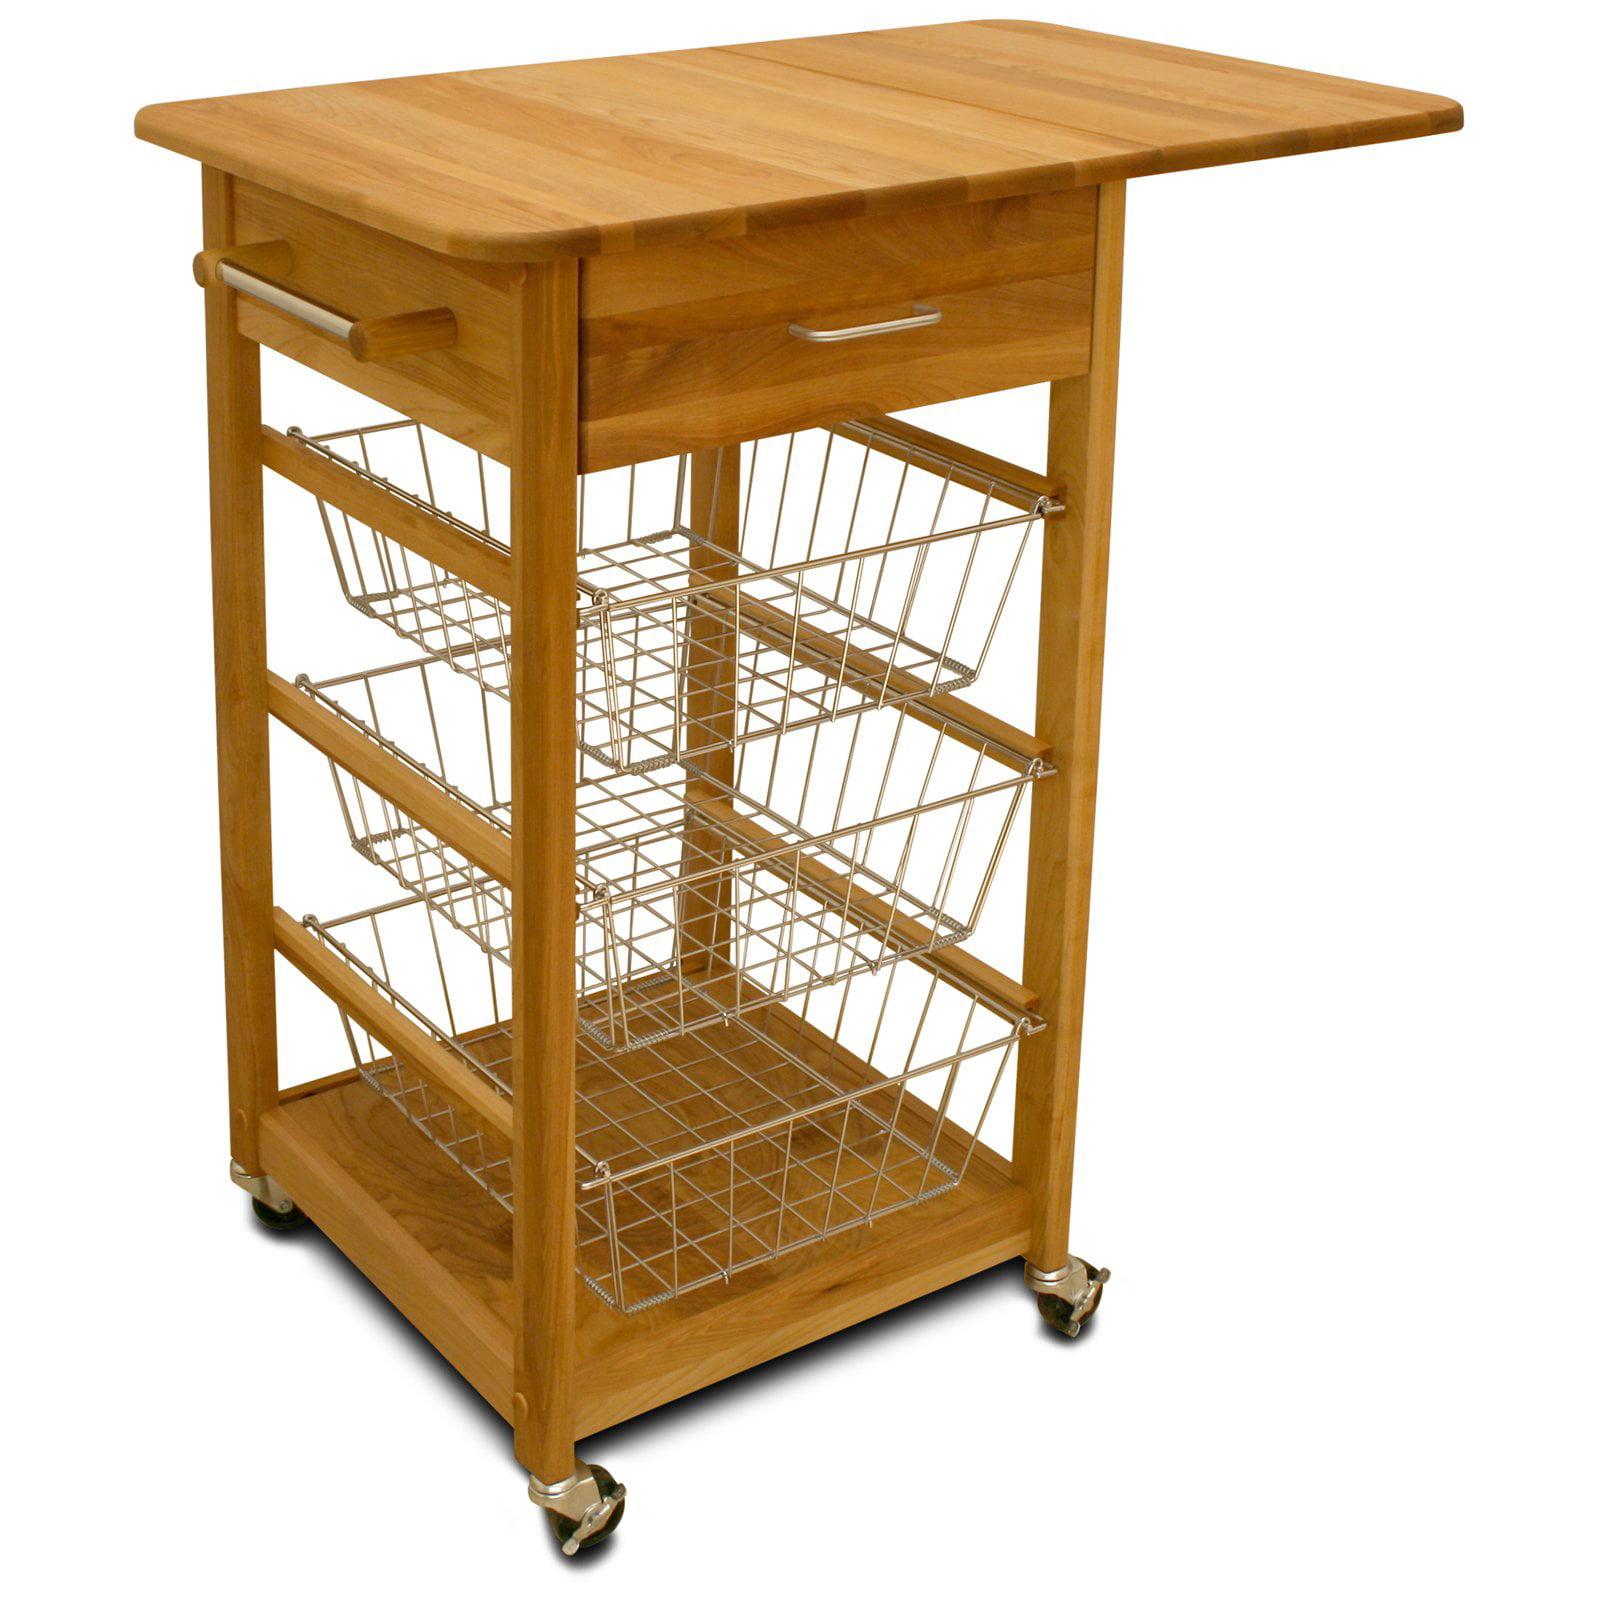 Chrome Wire Basket Kitchen Cart - Walmart.com